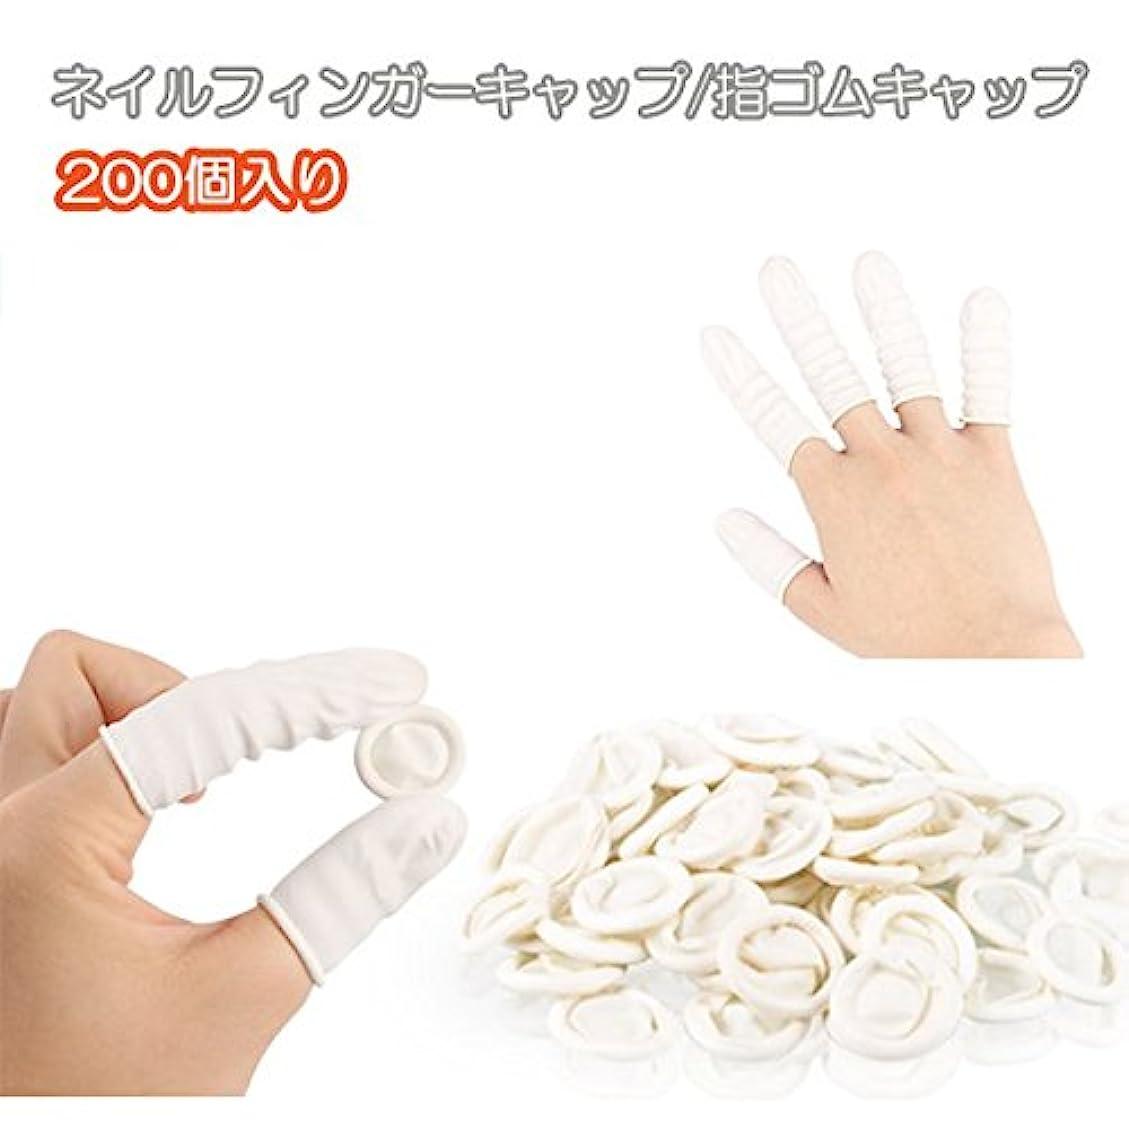 予算巨人近代化するネイルフィンガーキャップ☆ジェルネイルオフ用【200個入り】 (S200)